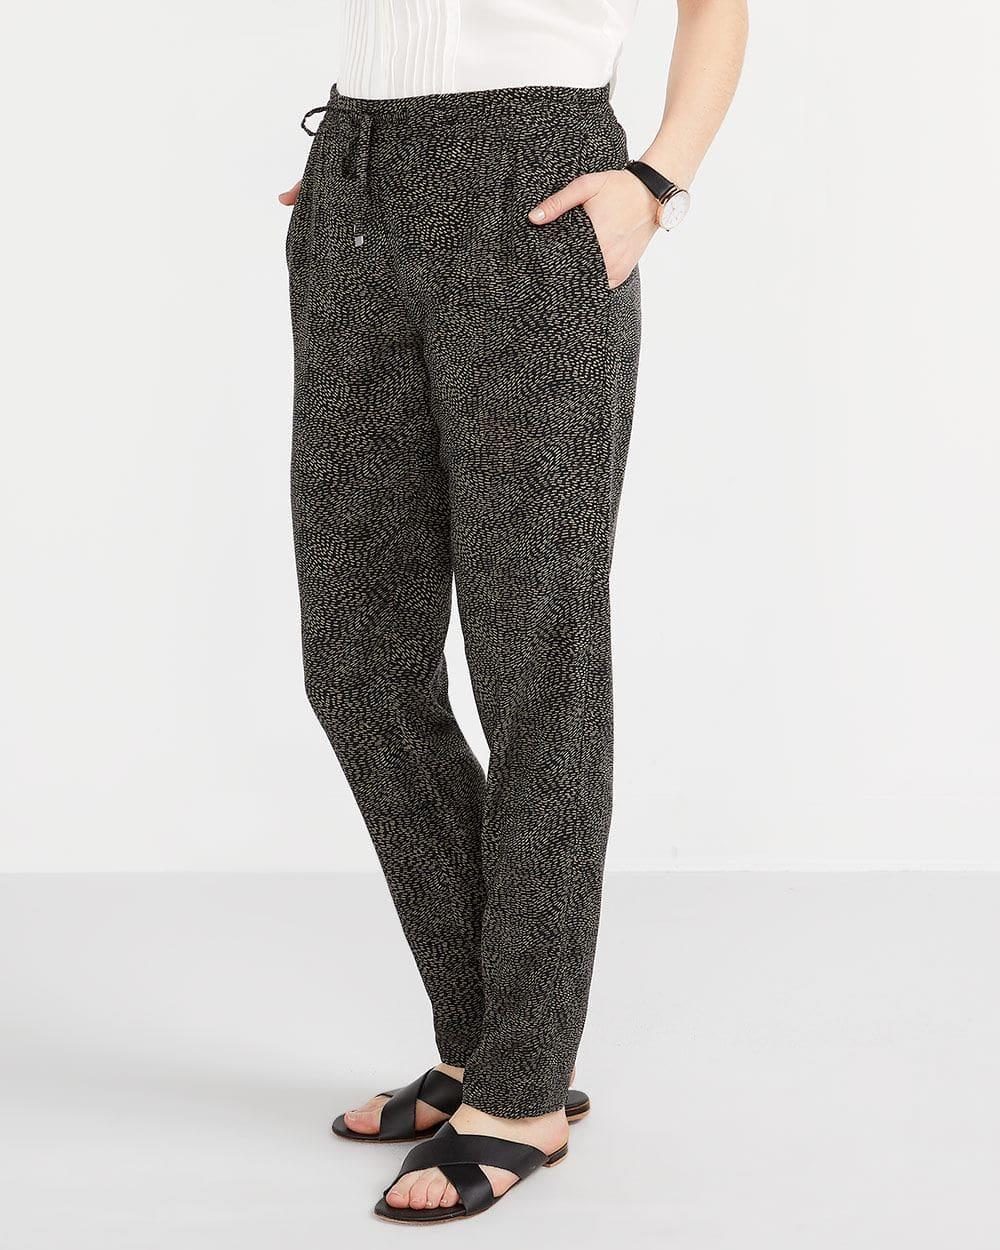 Pantalon skinny imprimé à taille élastique Petite